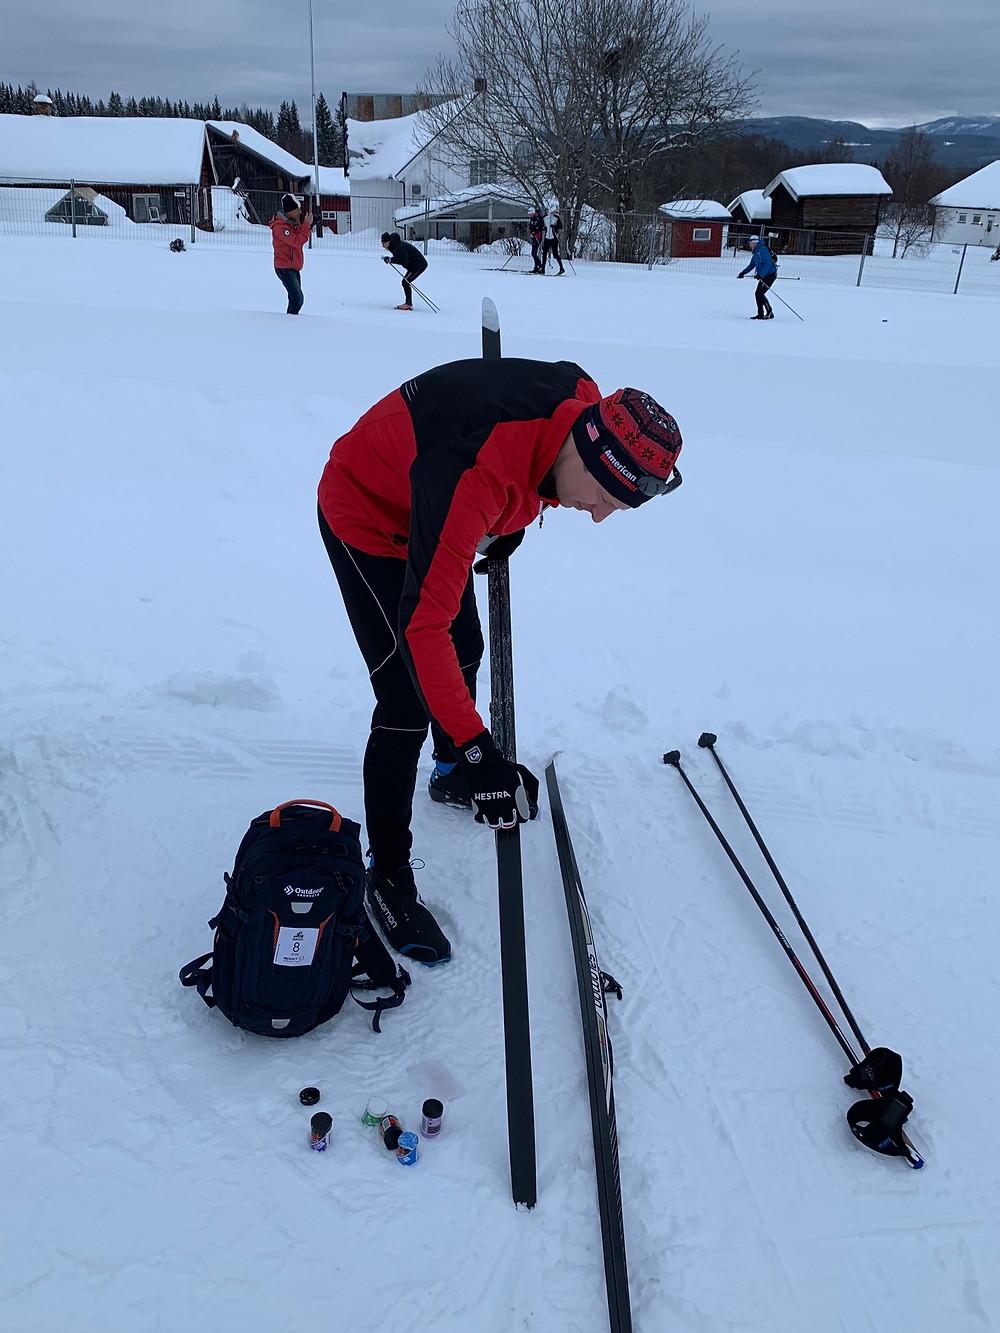 Skier applying ski wax in Rena, Norway, the Birkebeinerrennet